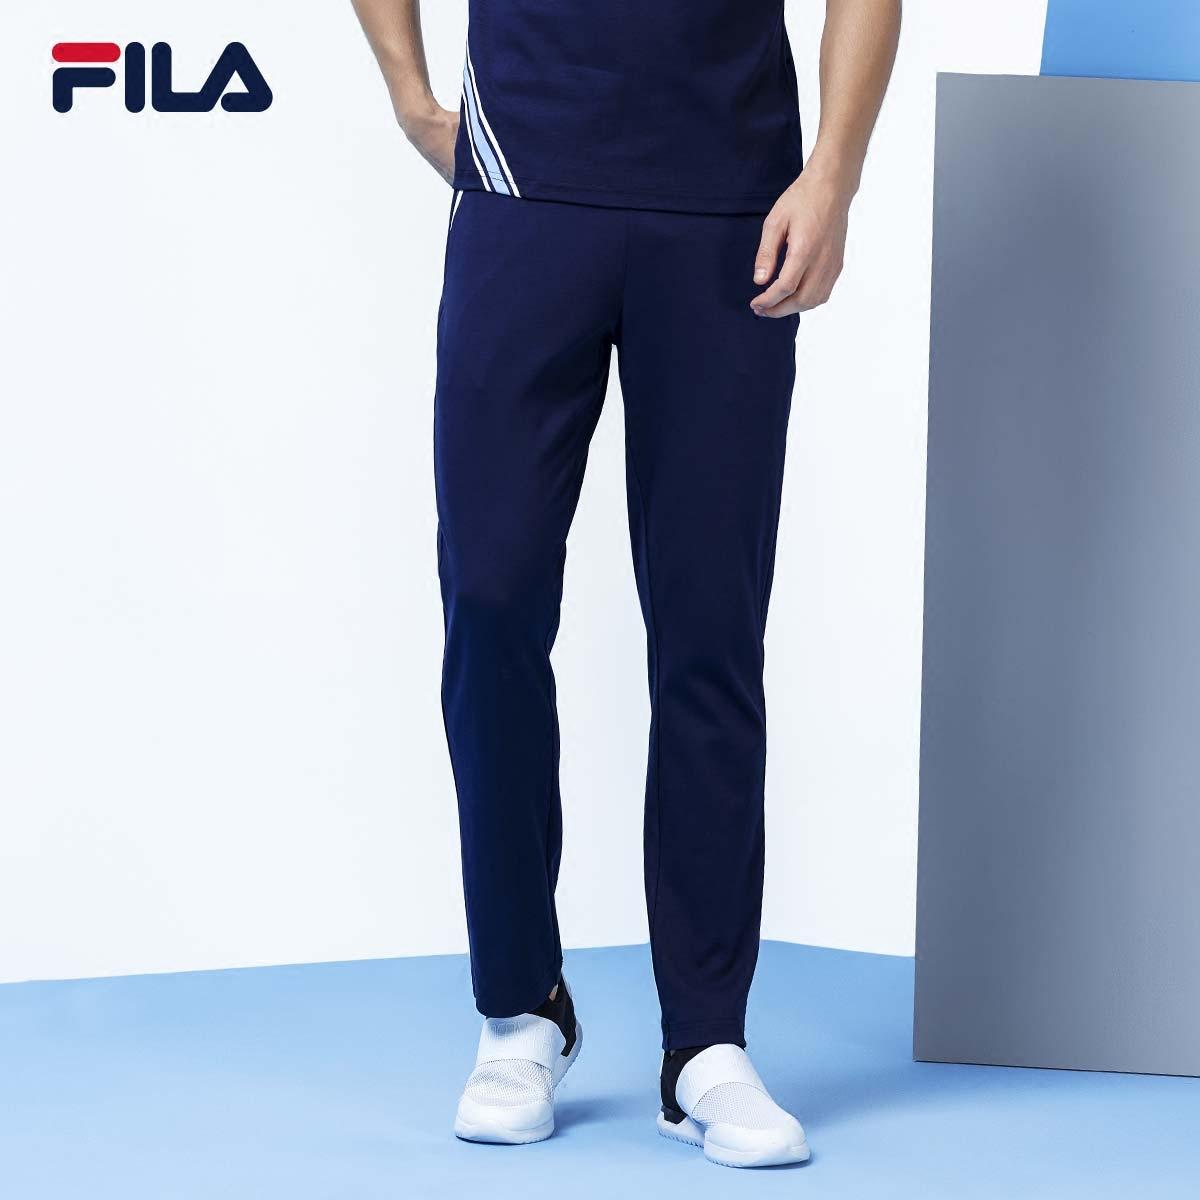 FILA斐乐男运动裤2018秋季新款针织长裤纯棉拉链口袋运动长裤男